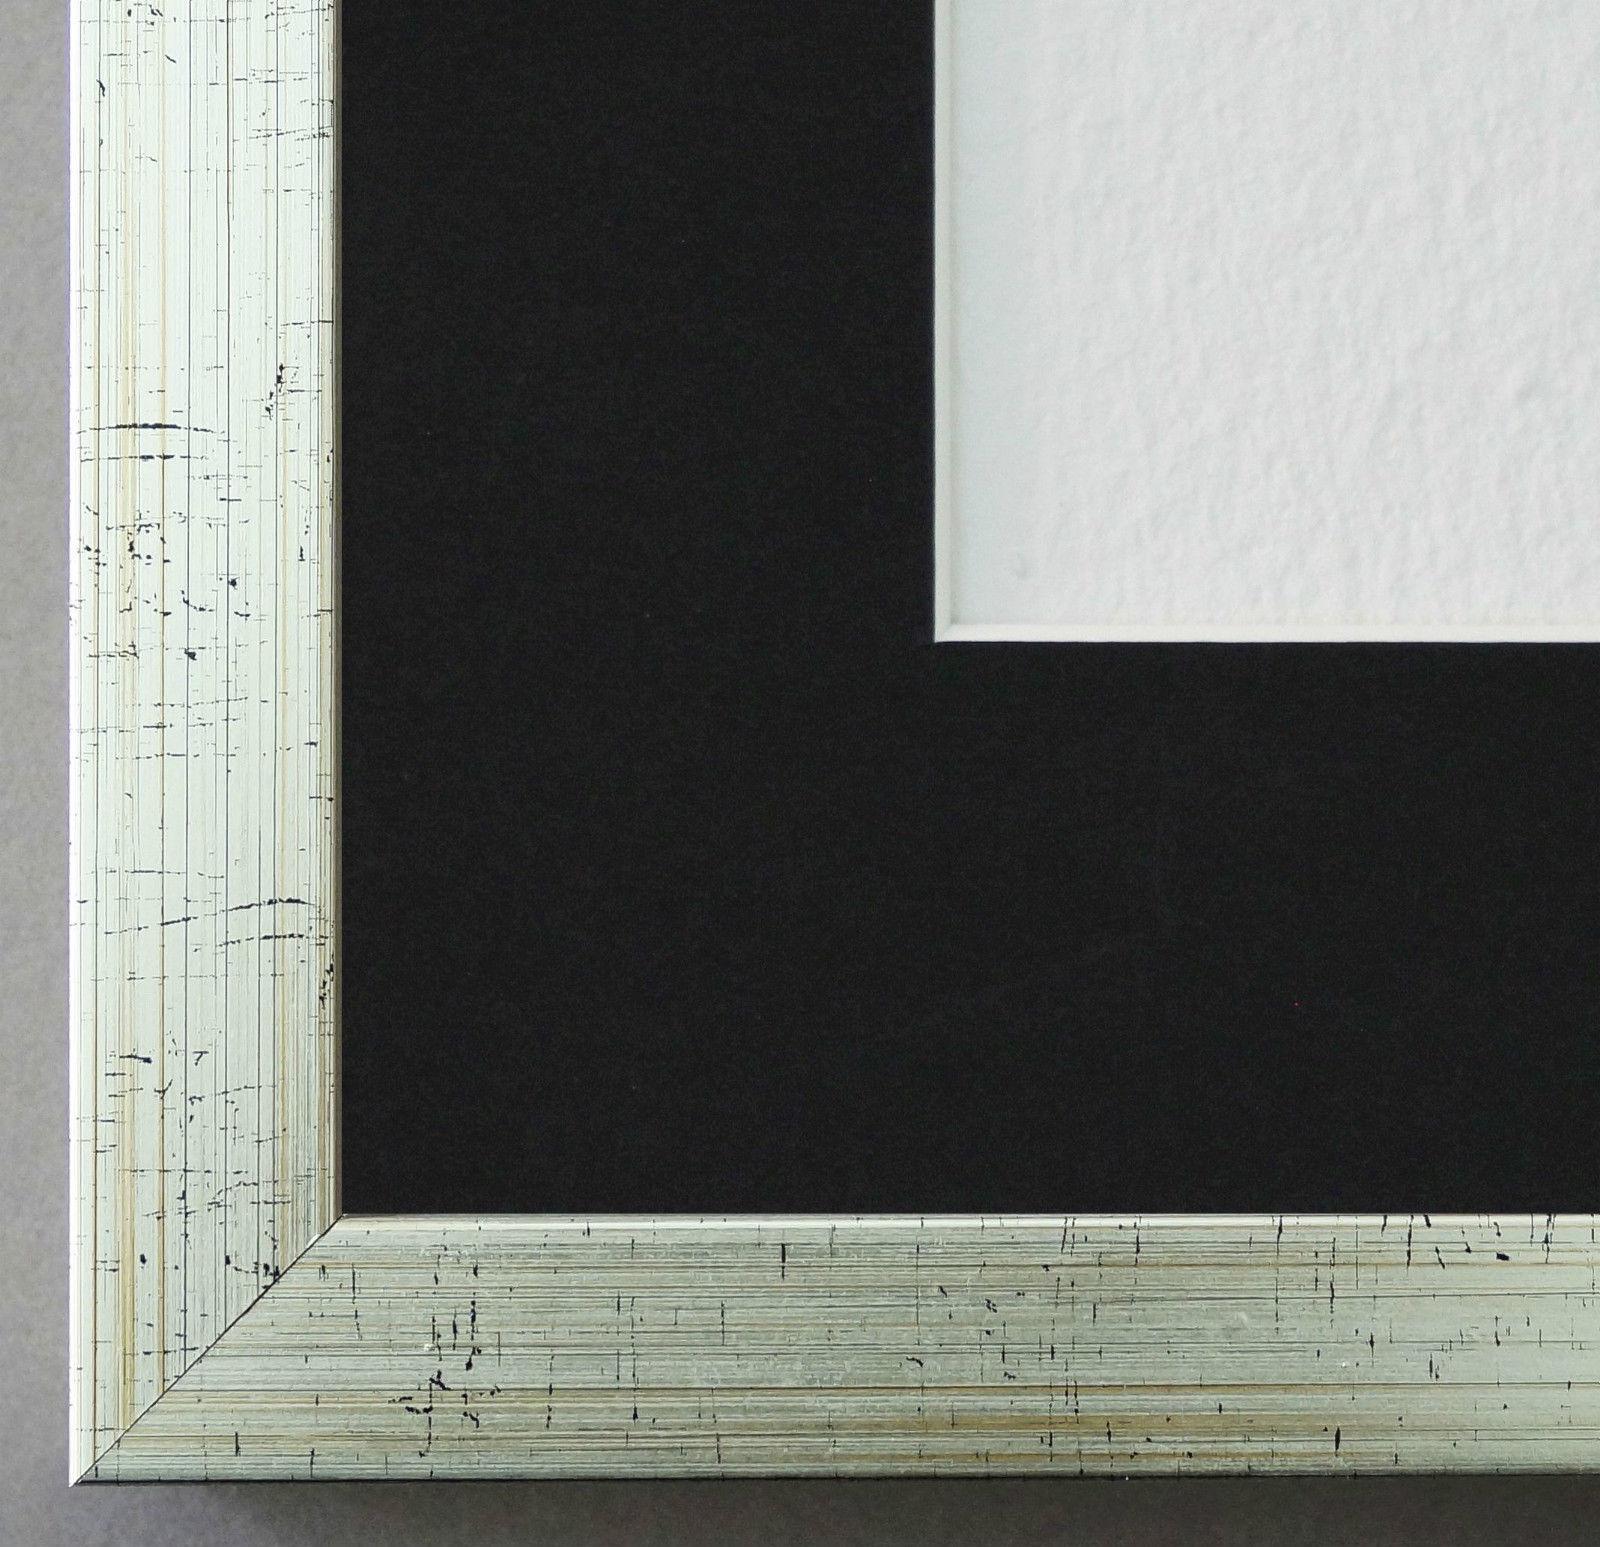 Ziemlich 12x12 Schwarz Bilderrahmen Galerie - Benutzerdefinierte ...